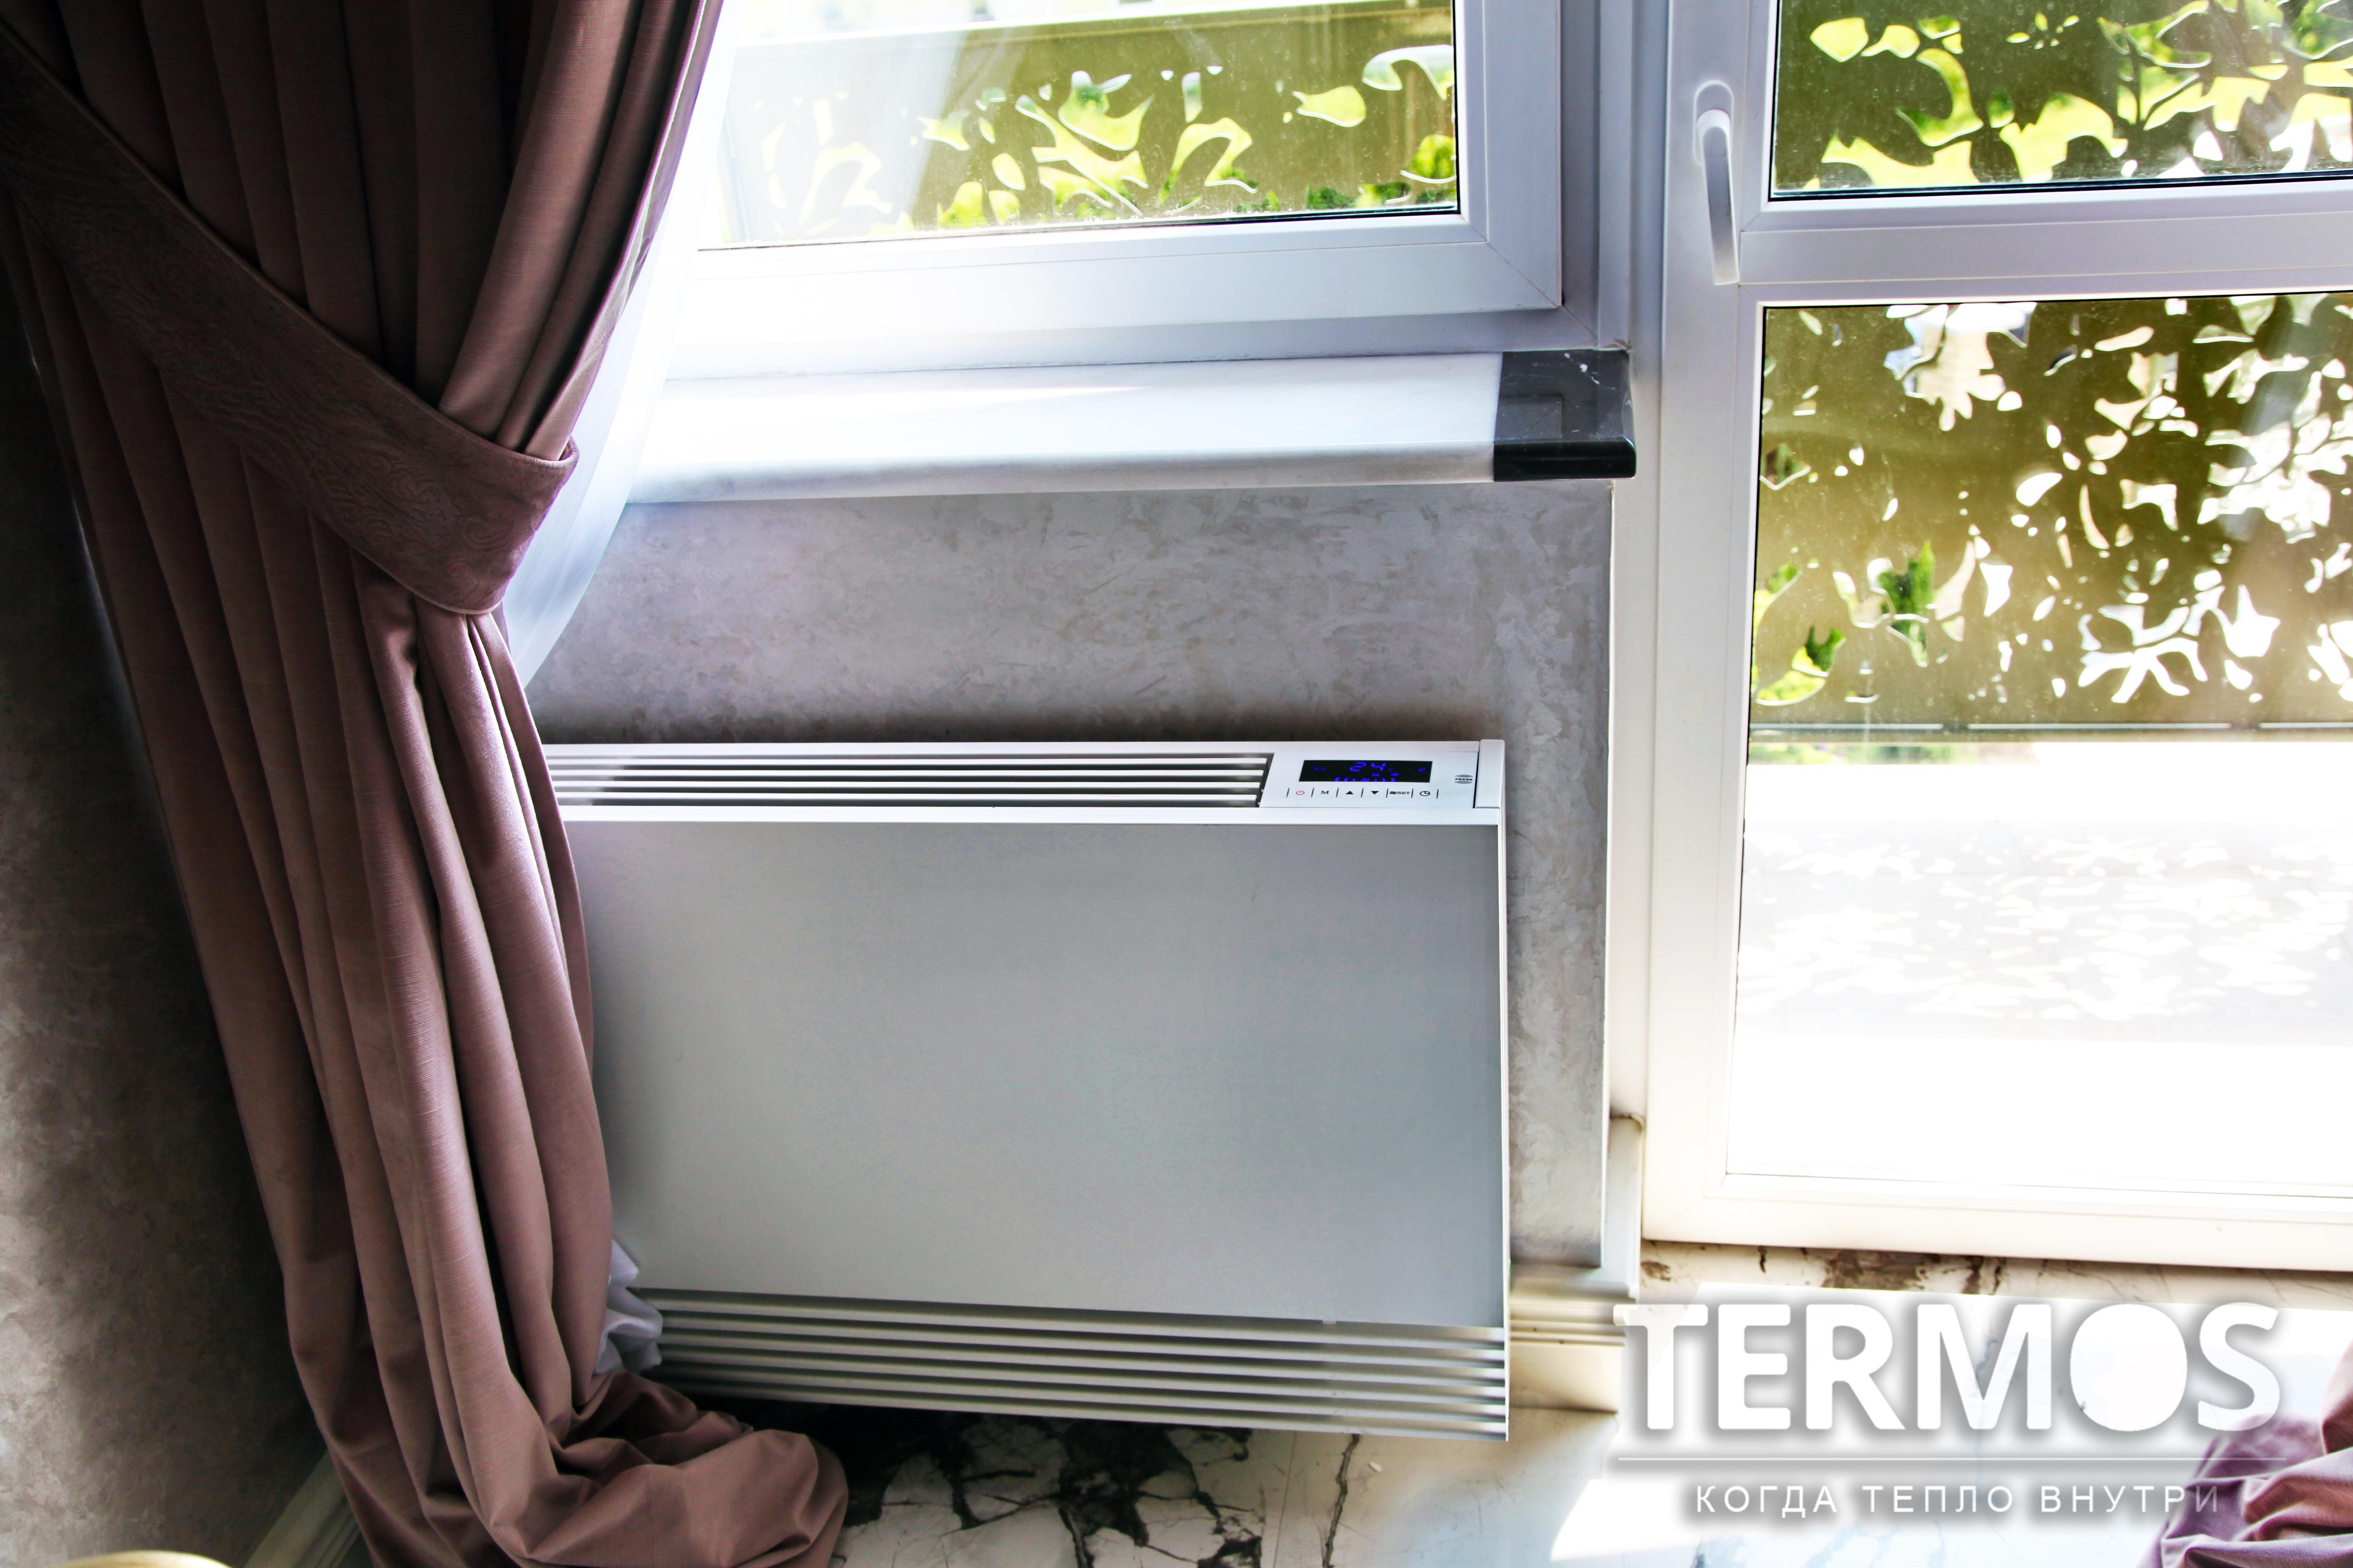 Настенный фанкойл - прибор который может работать как в режиме отопления, так и в режиме охлаждения